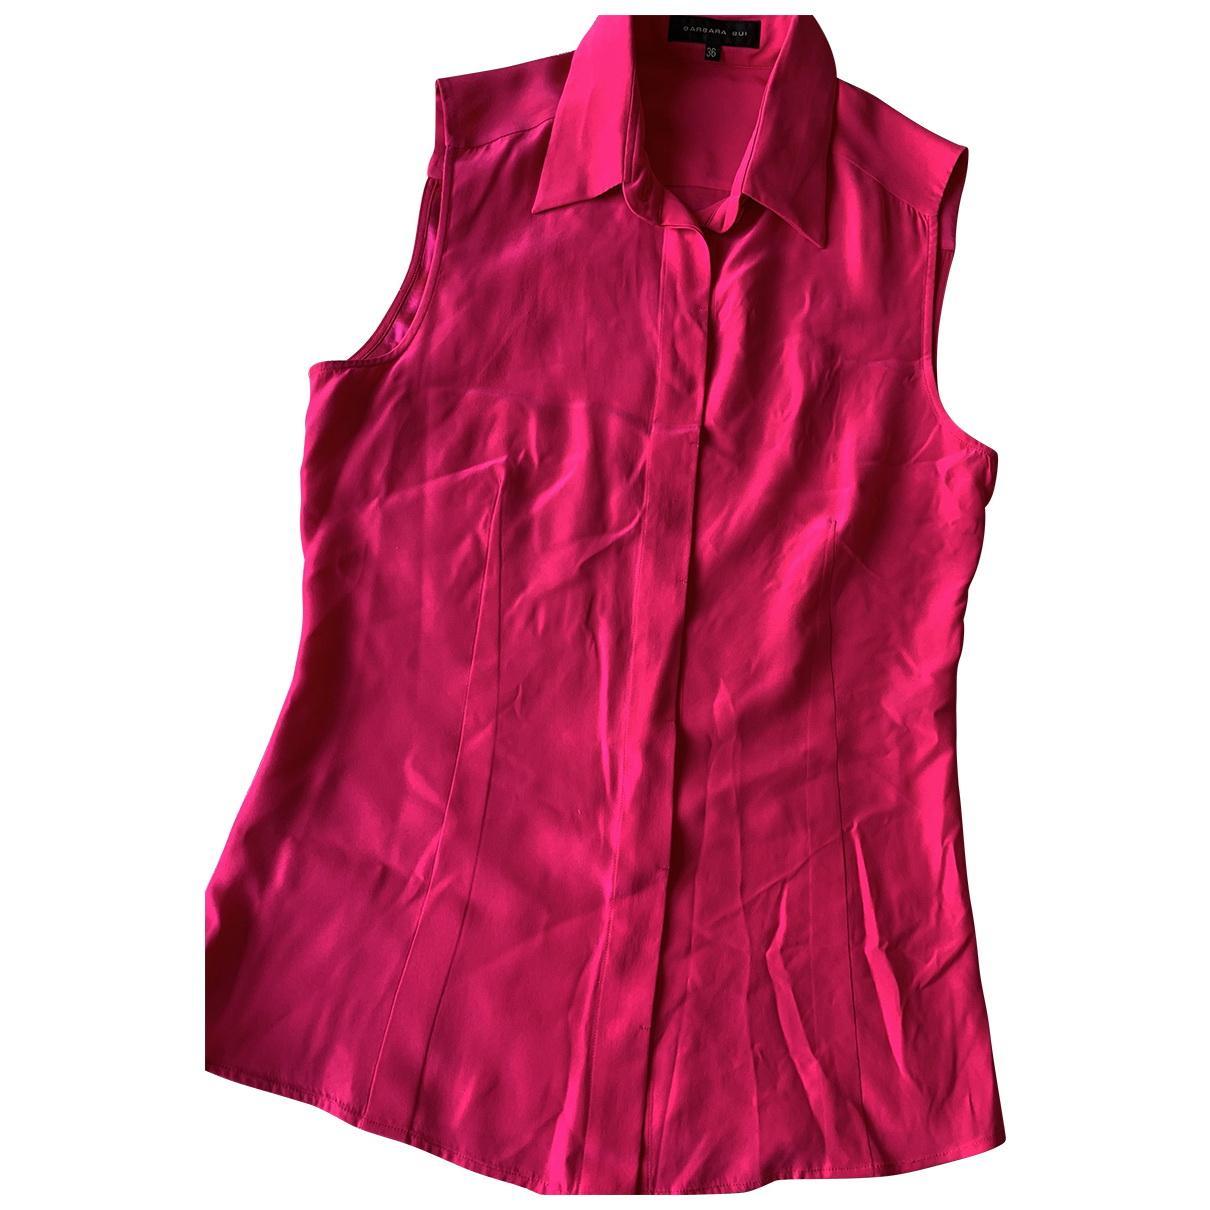 Barbara Bui - Top   pour femme en soie - rose